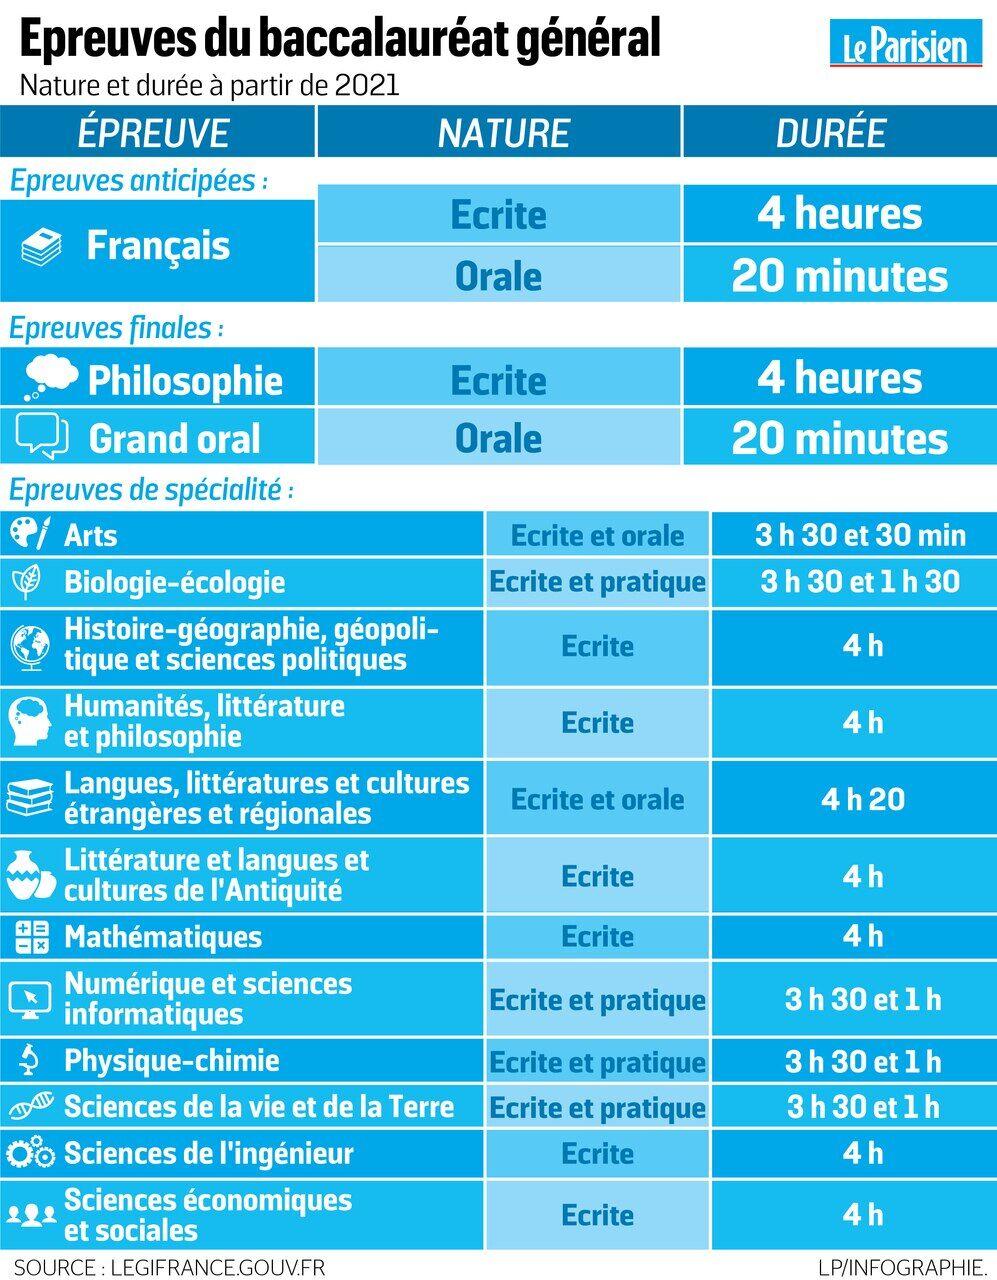 Calendrier Bac 2020.Bac 2021 La Duree Des Nouvelles Epreuves Devoilee Le